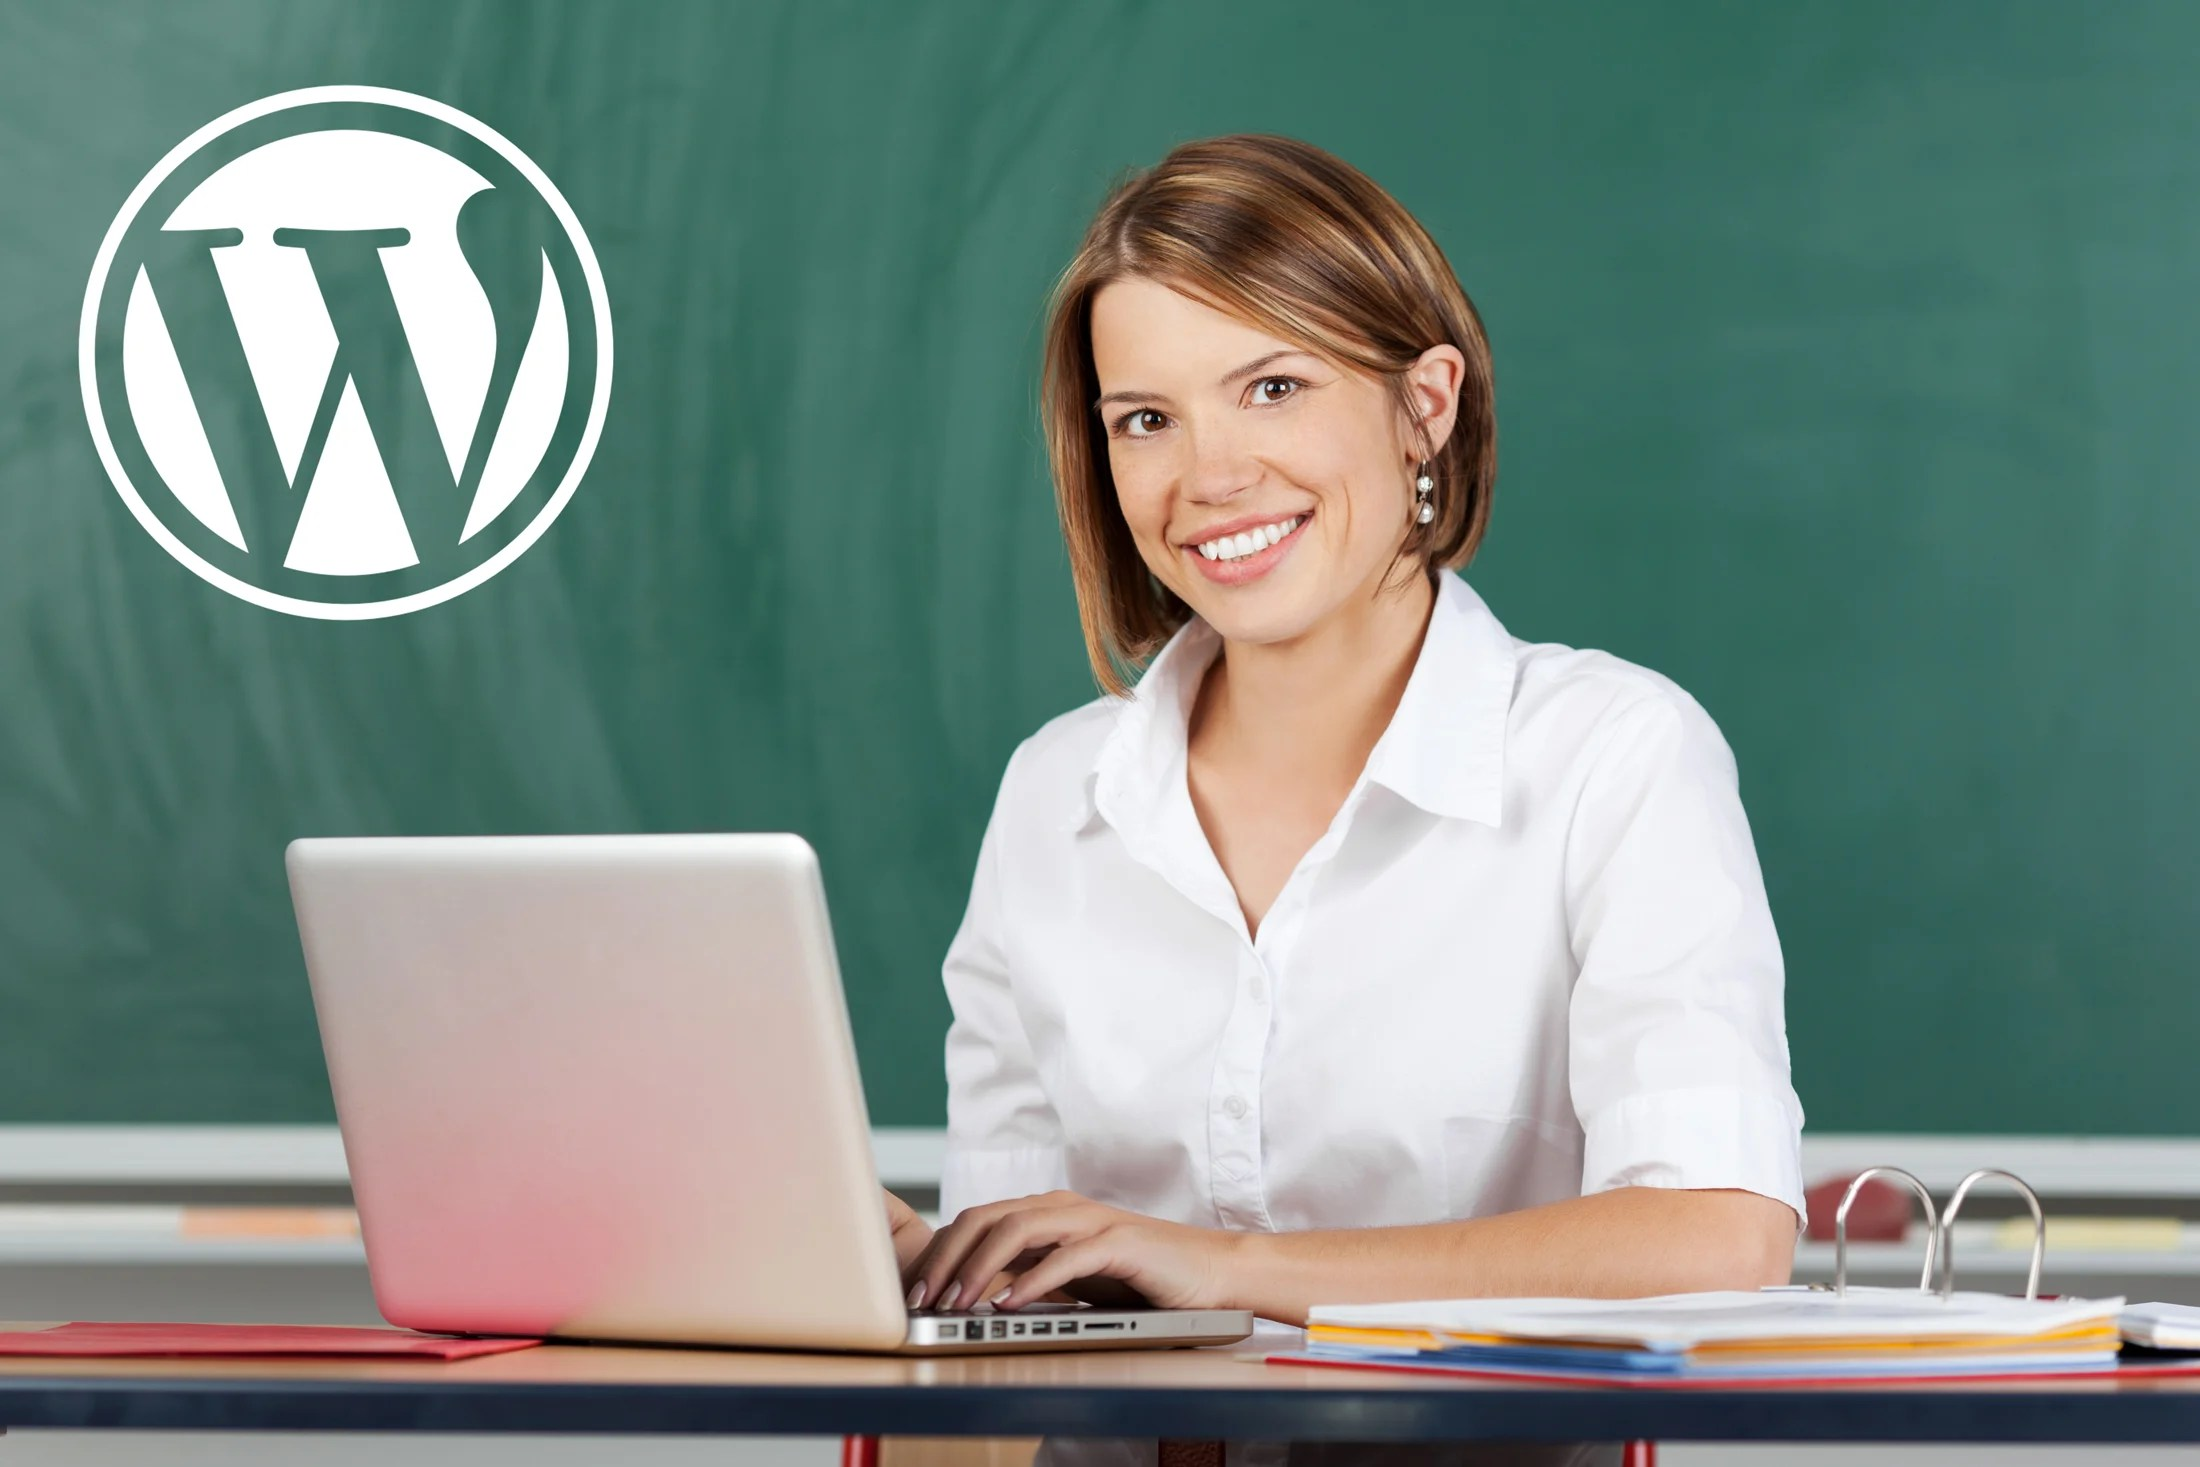 learnwordpress